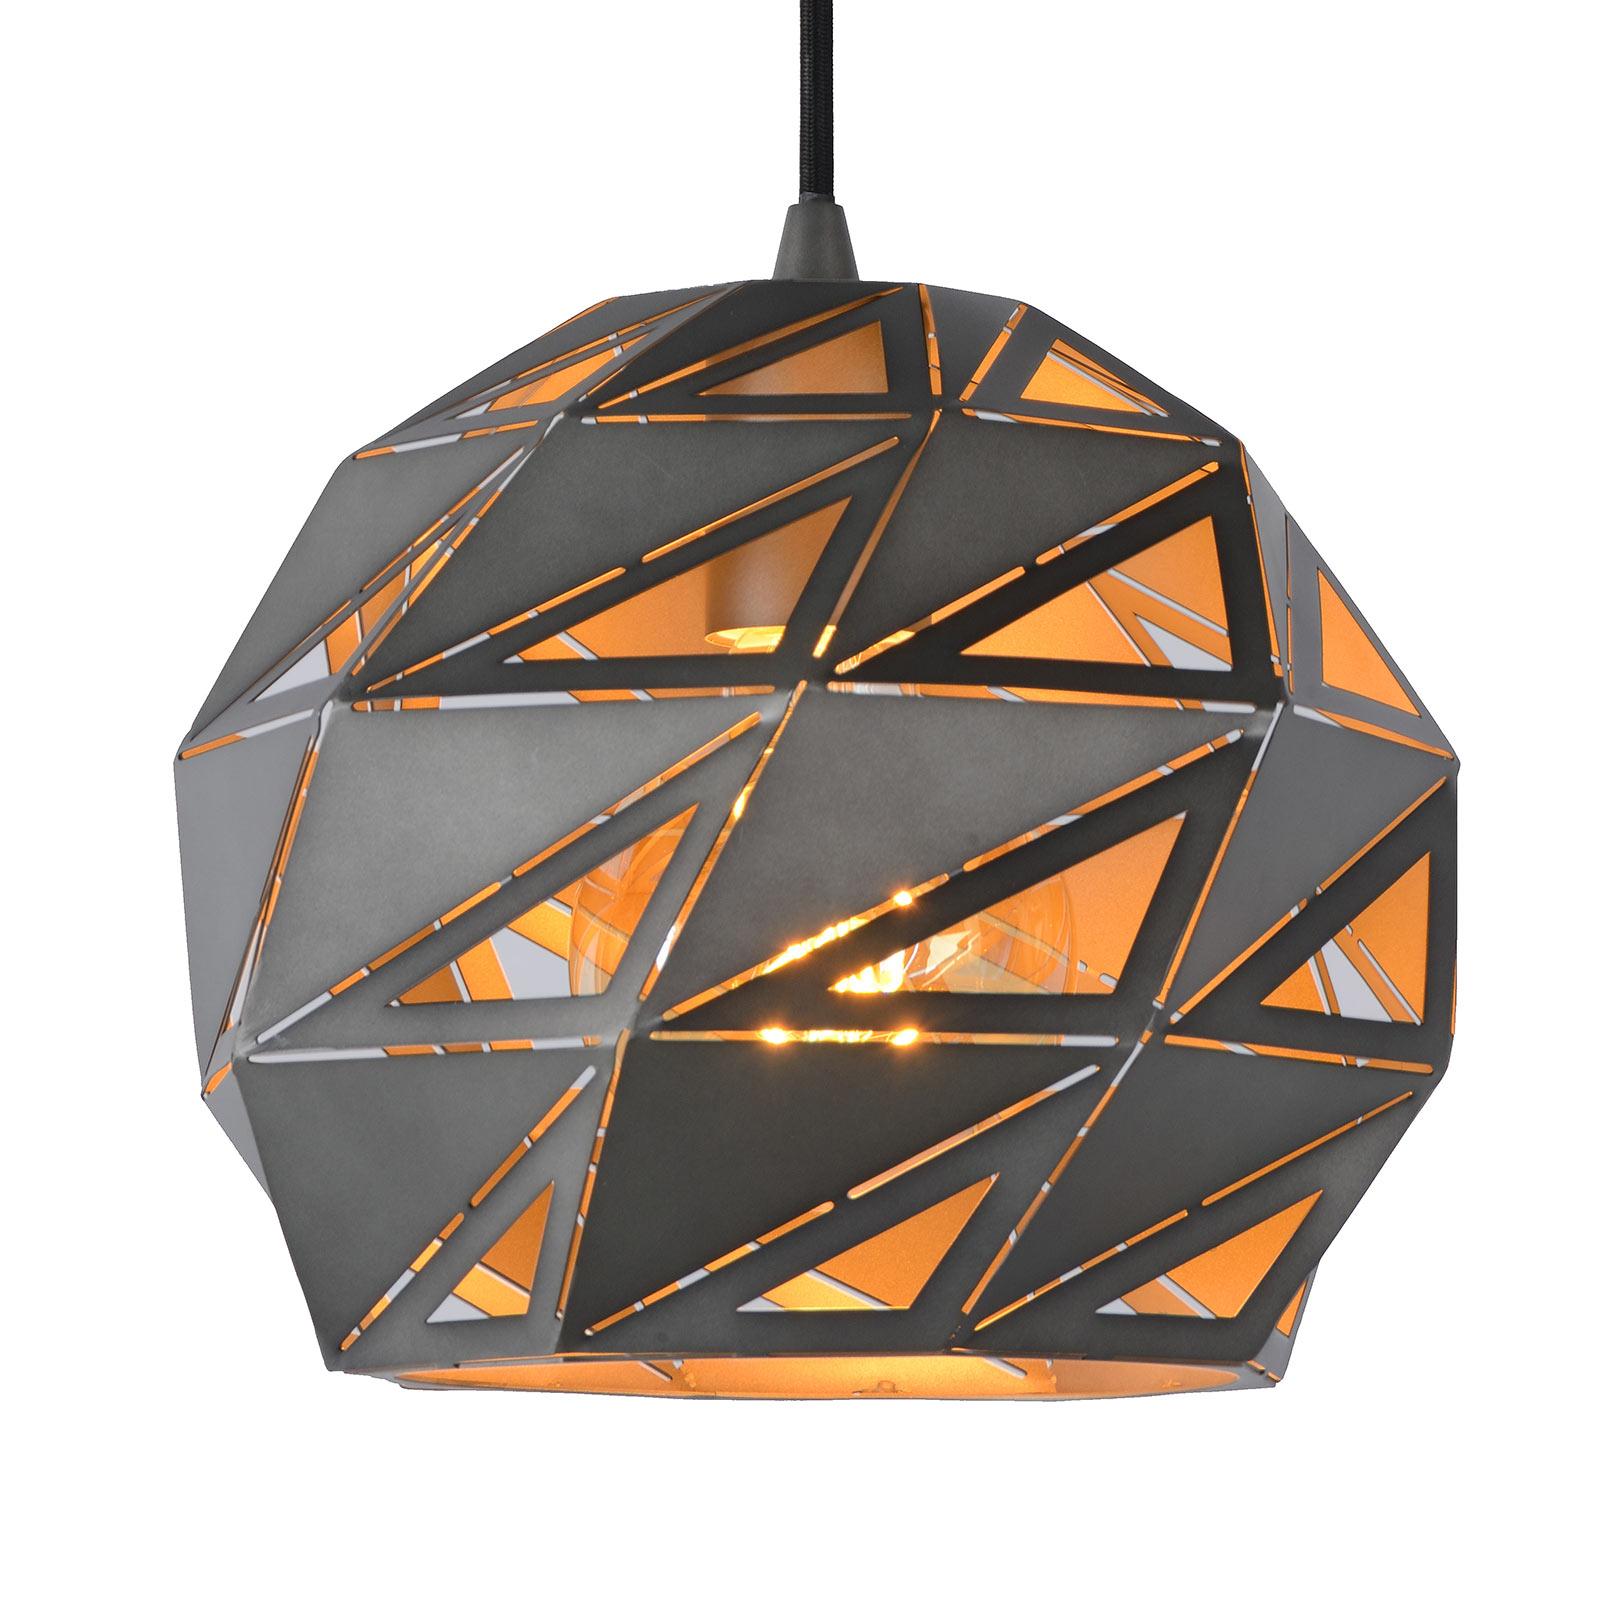 Lampa wisząca Malunga z metalu, szaro-złota